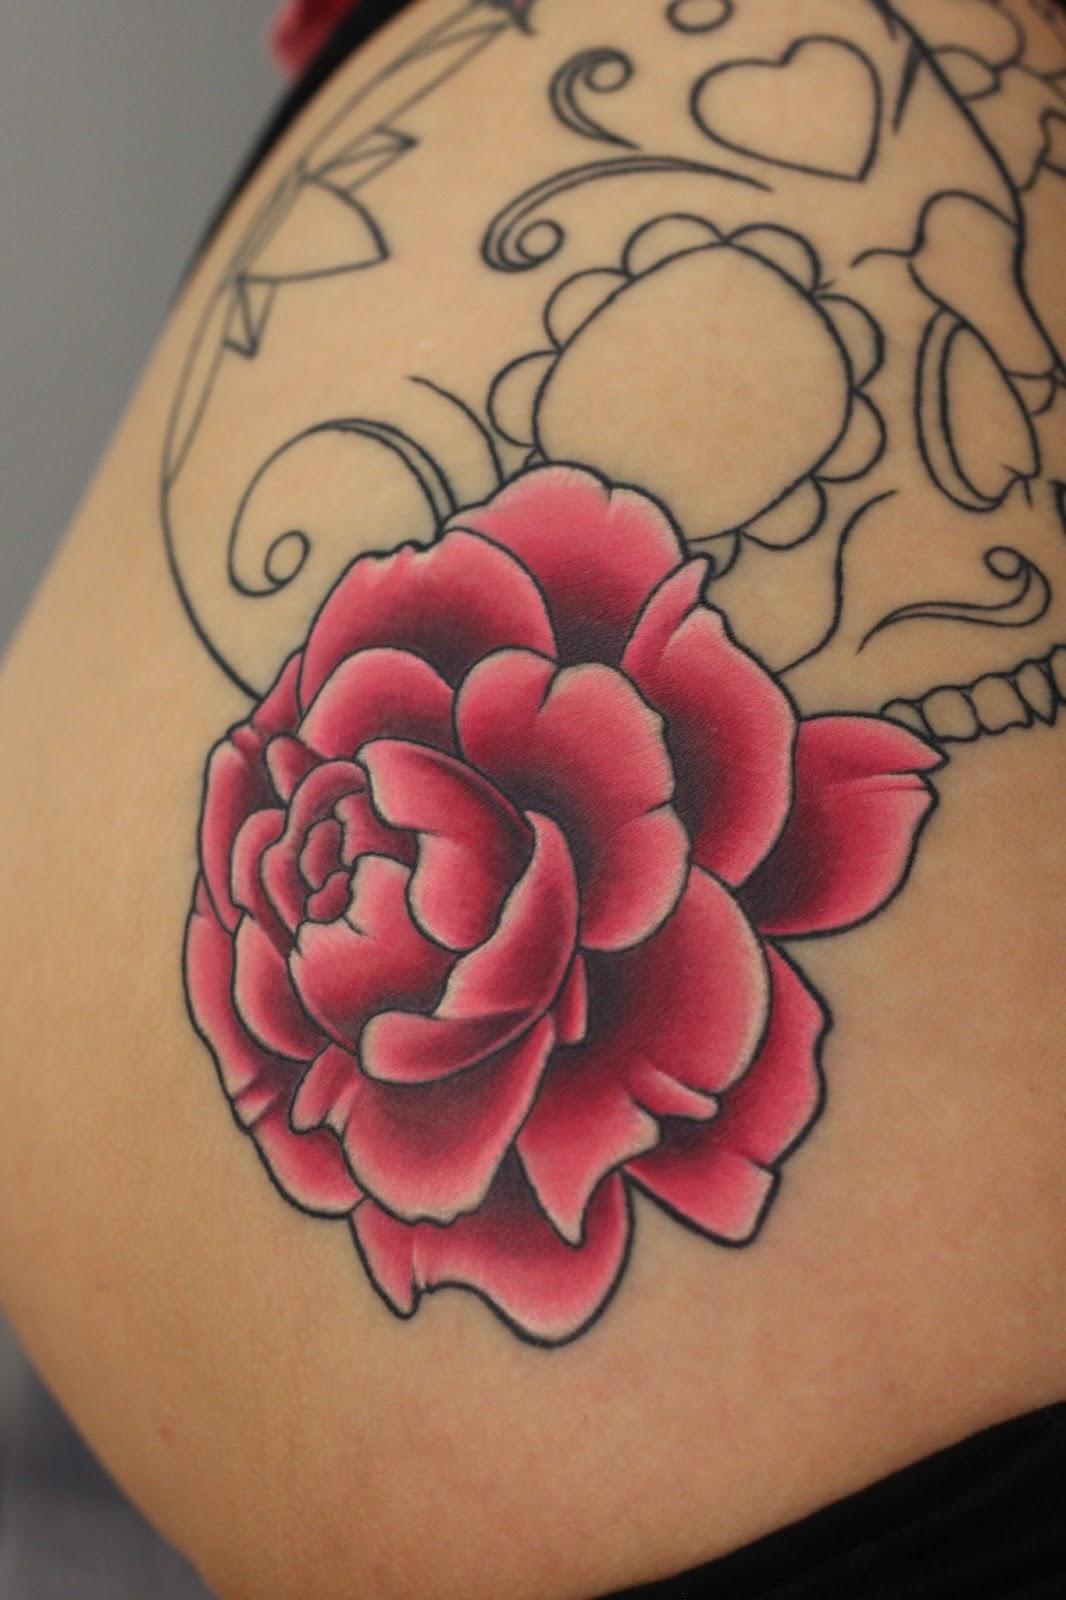 Rose Blossom Tattoo - TattooMagz